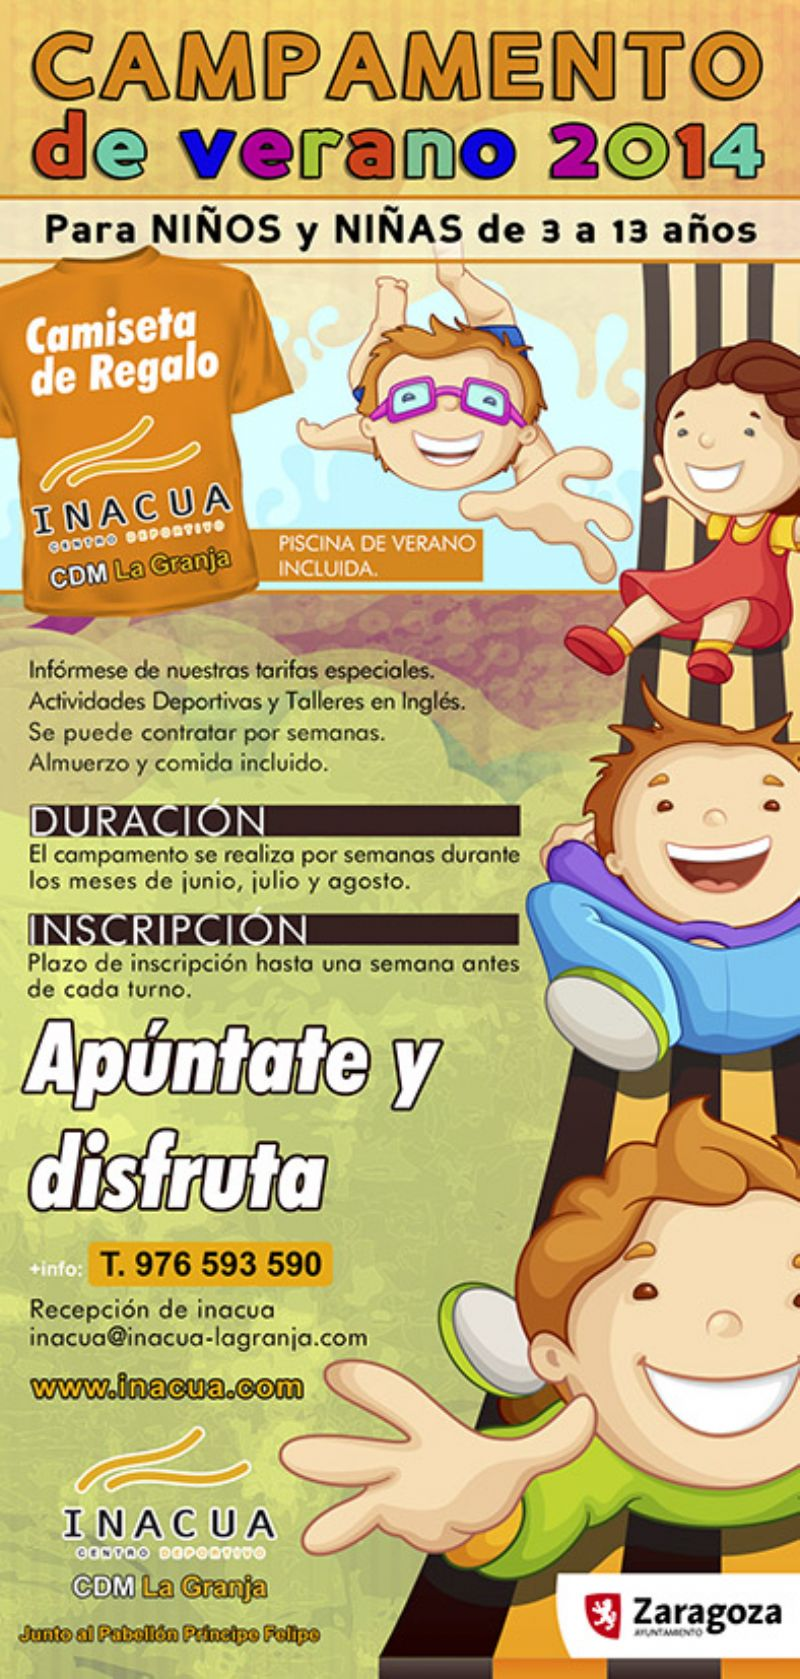 Campus de verano INACUA en el CDM La Granja